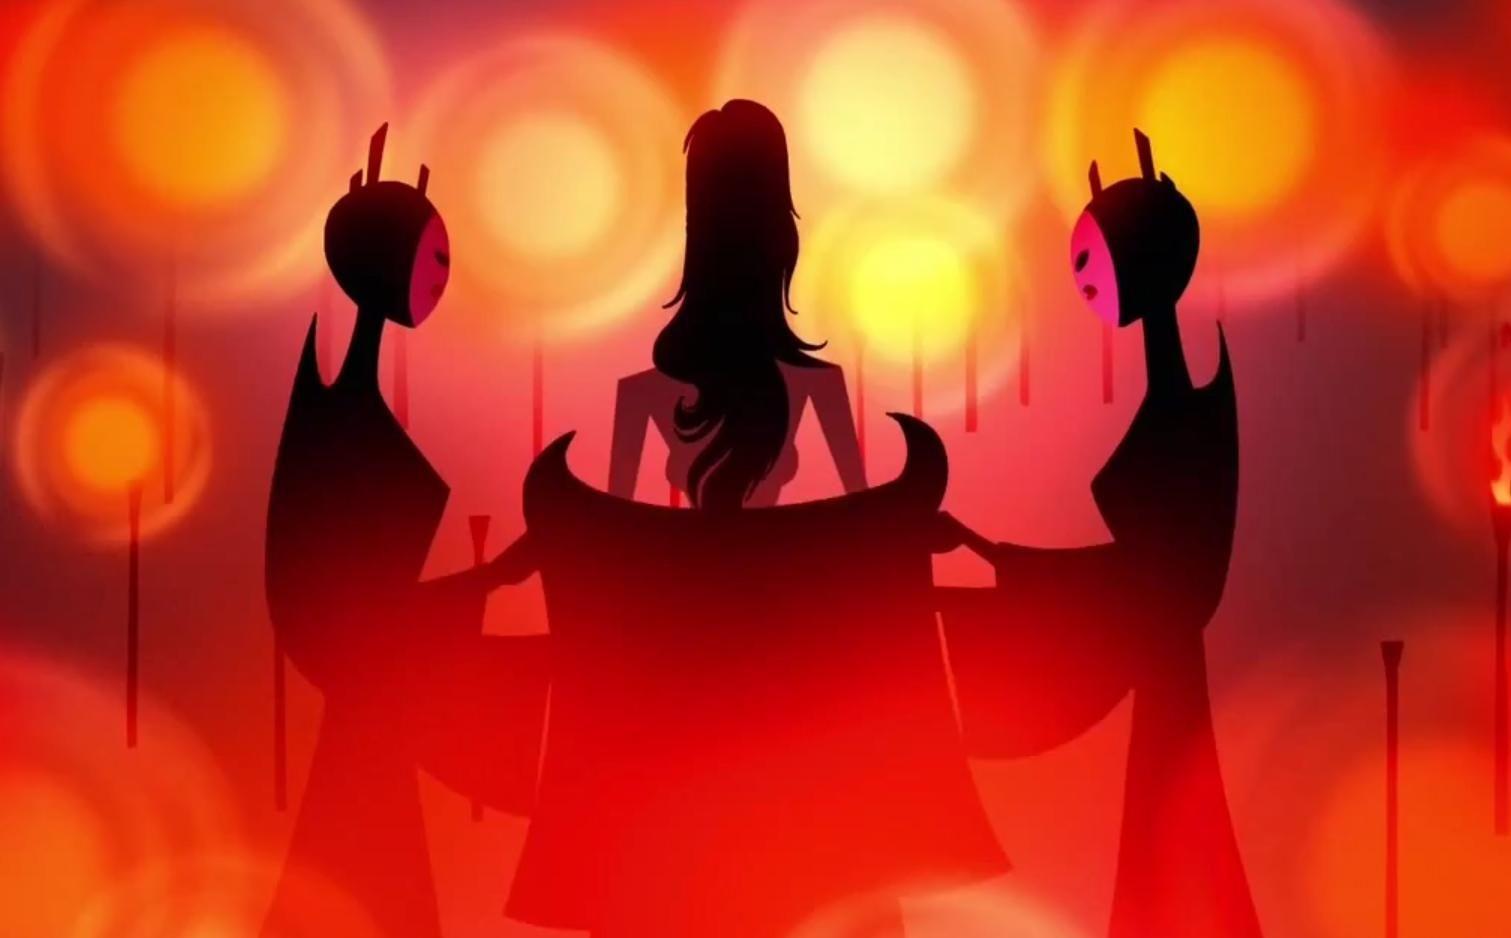 The High Priestess Gallery Samurai Jack Anime Samurai